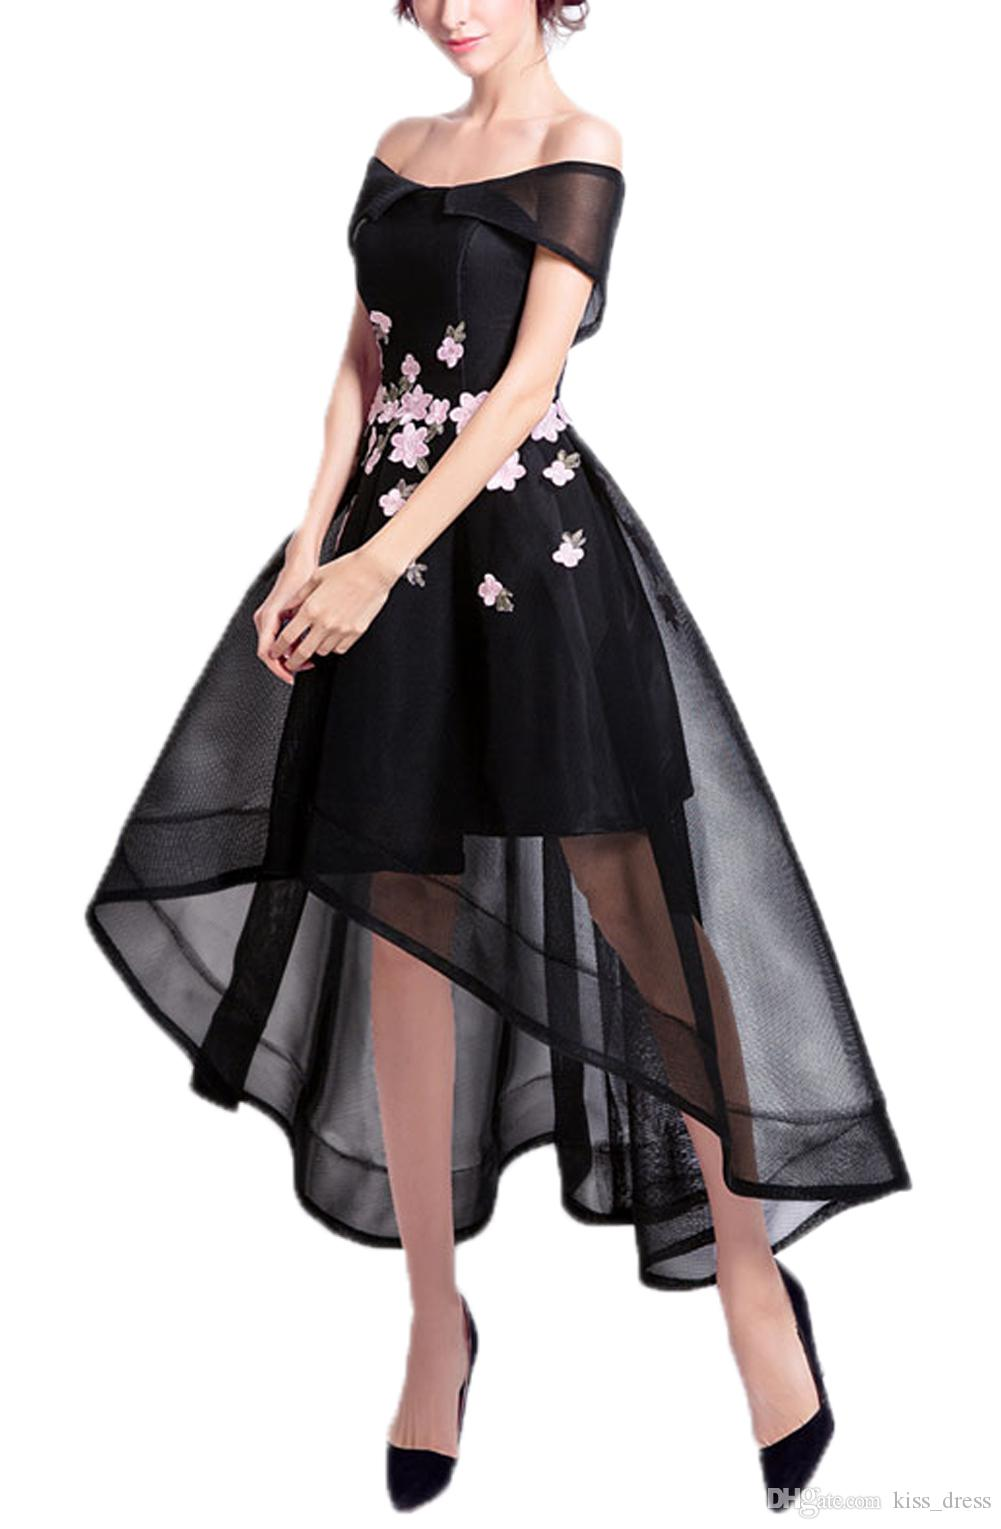 Off-the-épaule Robes De Bal Noir Haute Basse Rose Élégant Fleur Tulle Robes De Soirée Formelles 2019 Nouveau Design Ventes Chaudes Sur Mesure P119